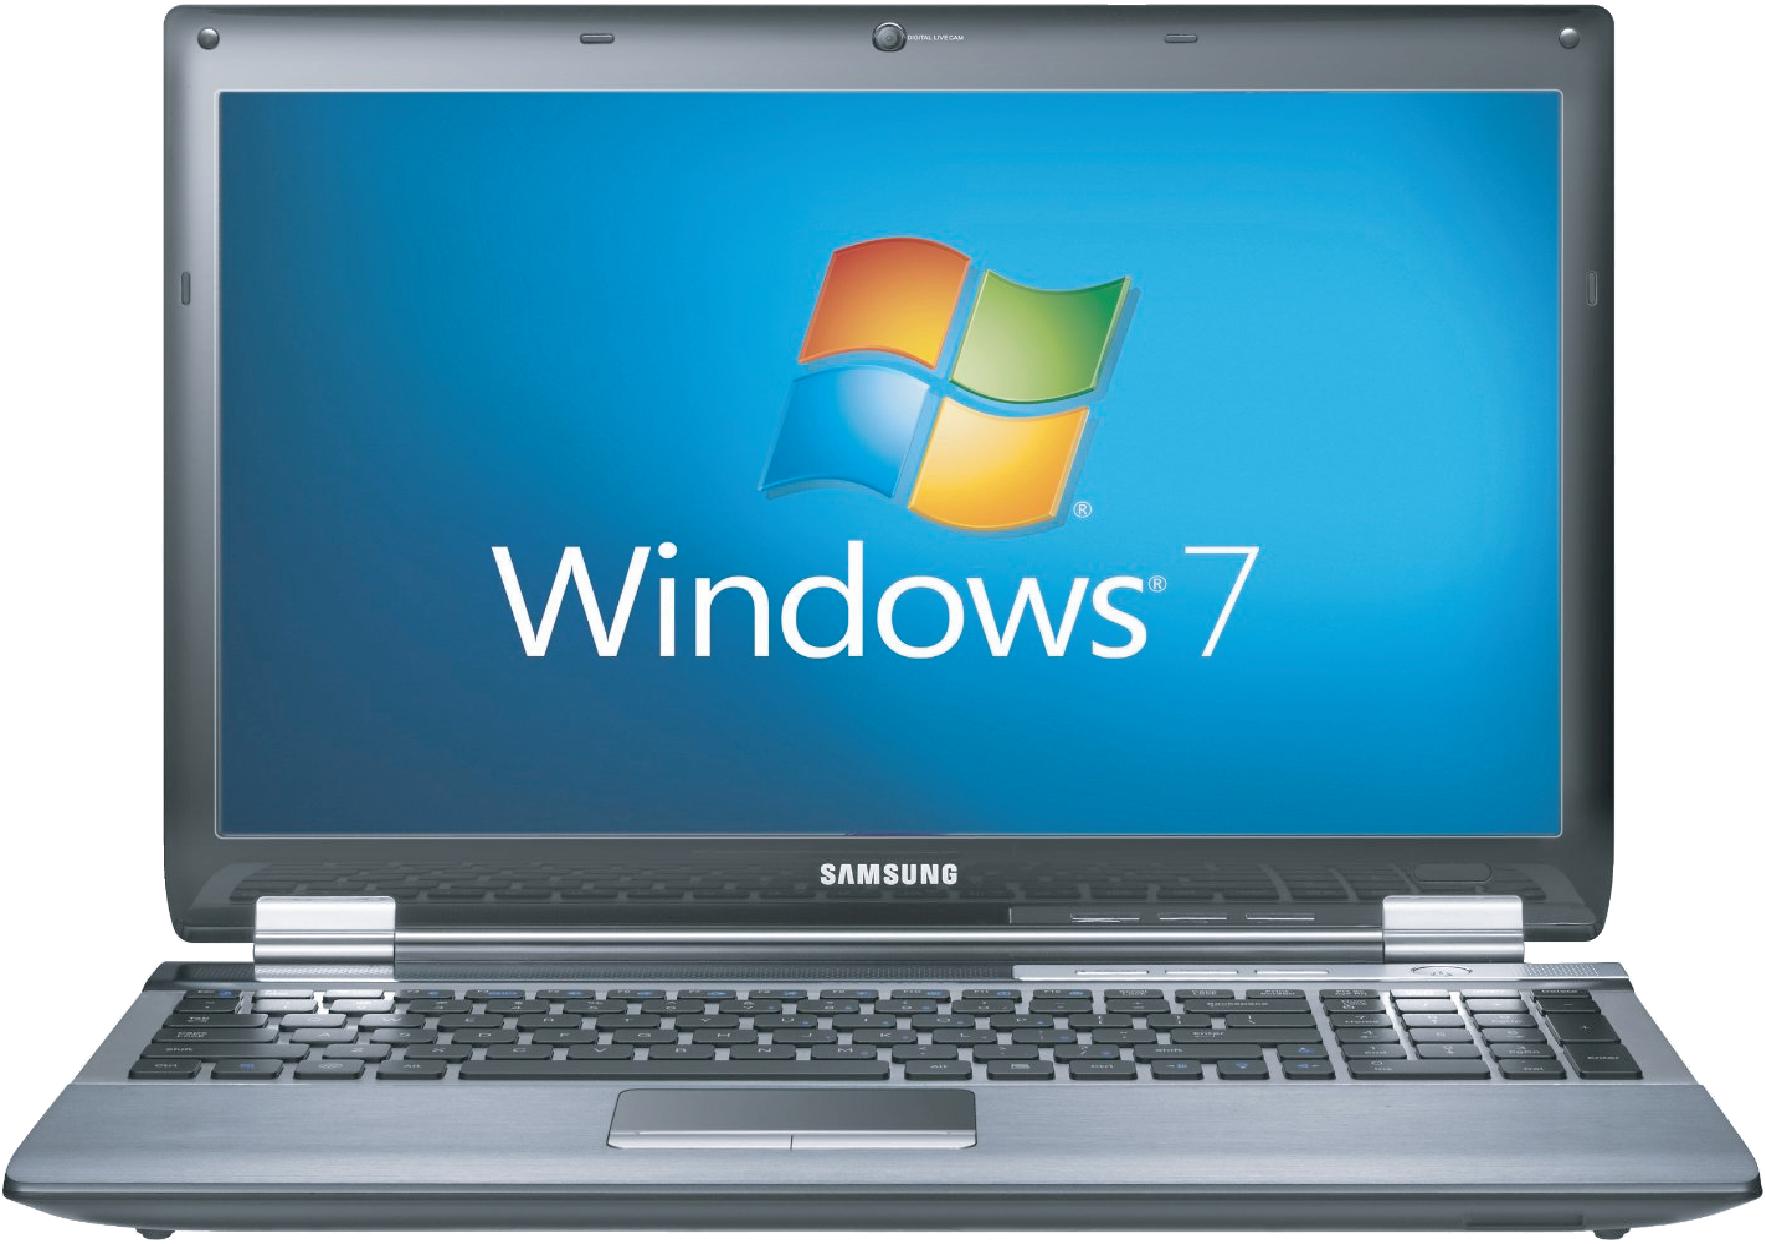 Laptop Png image #6777 - Laptop PNG